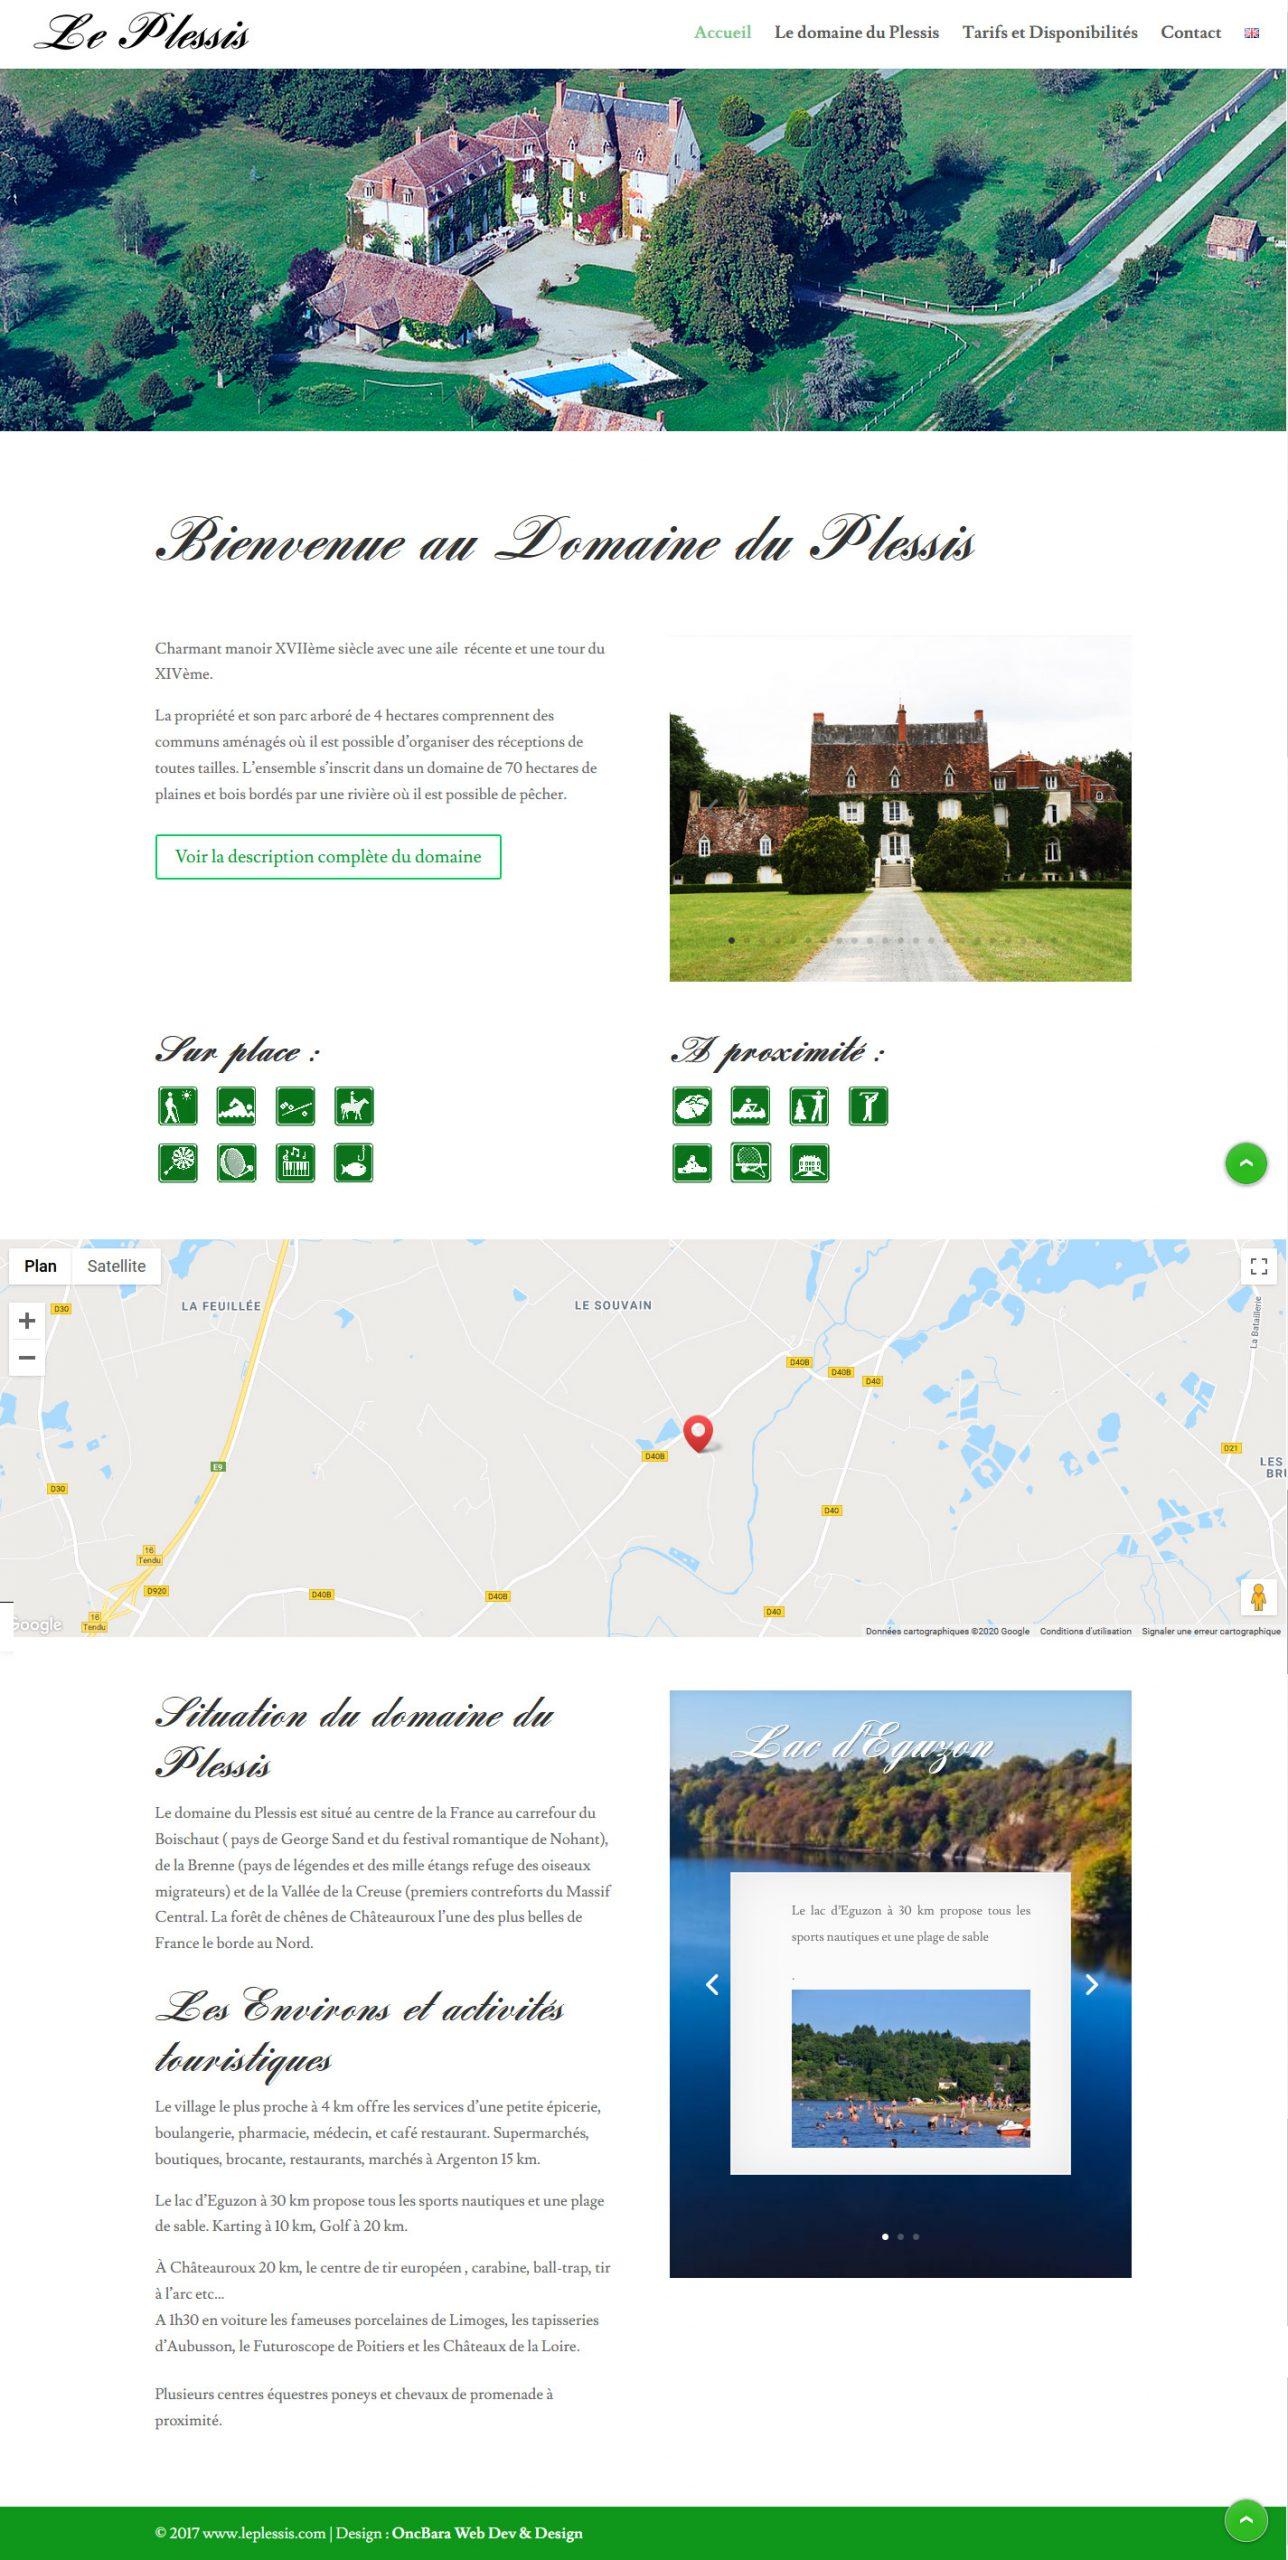 Site du Domaine du Plessis